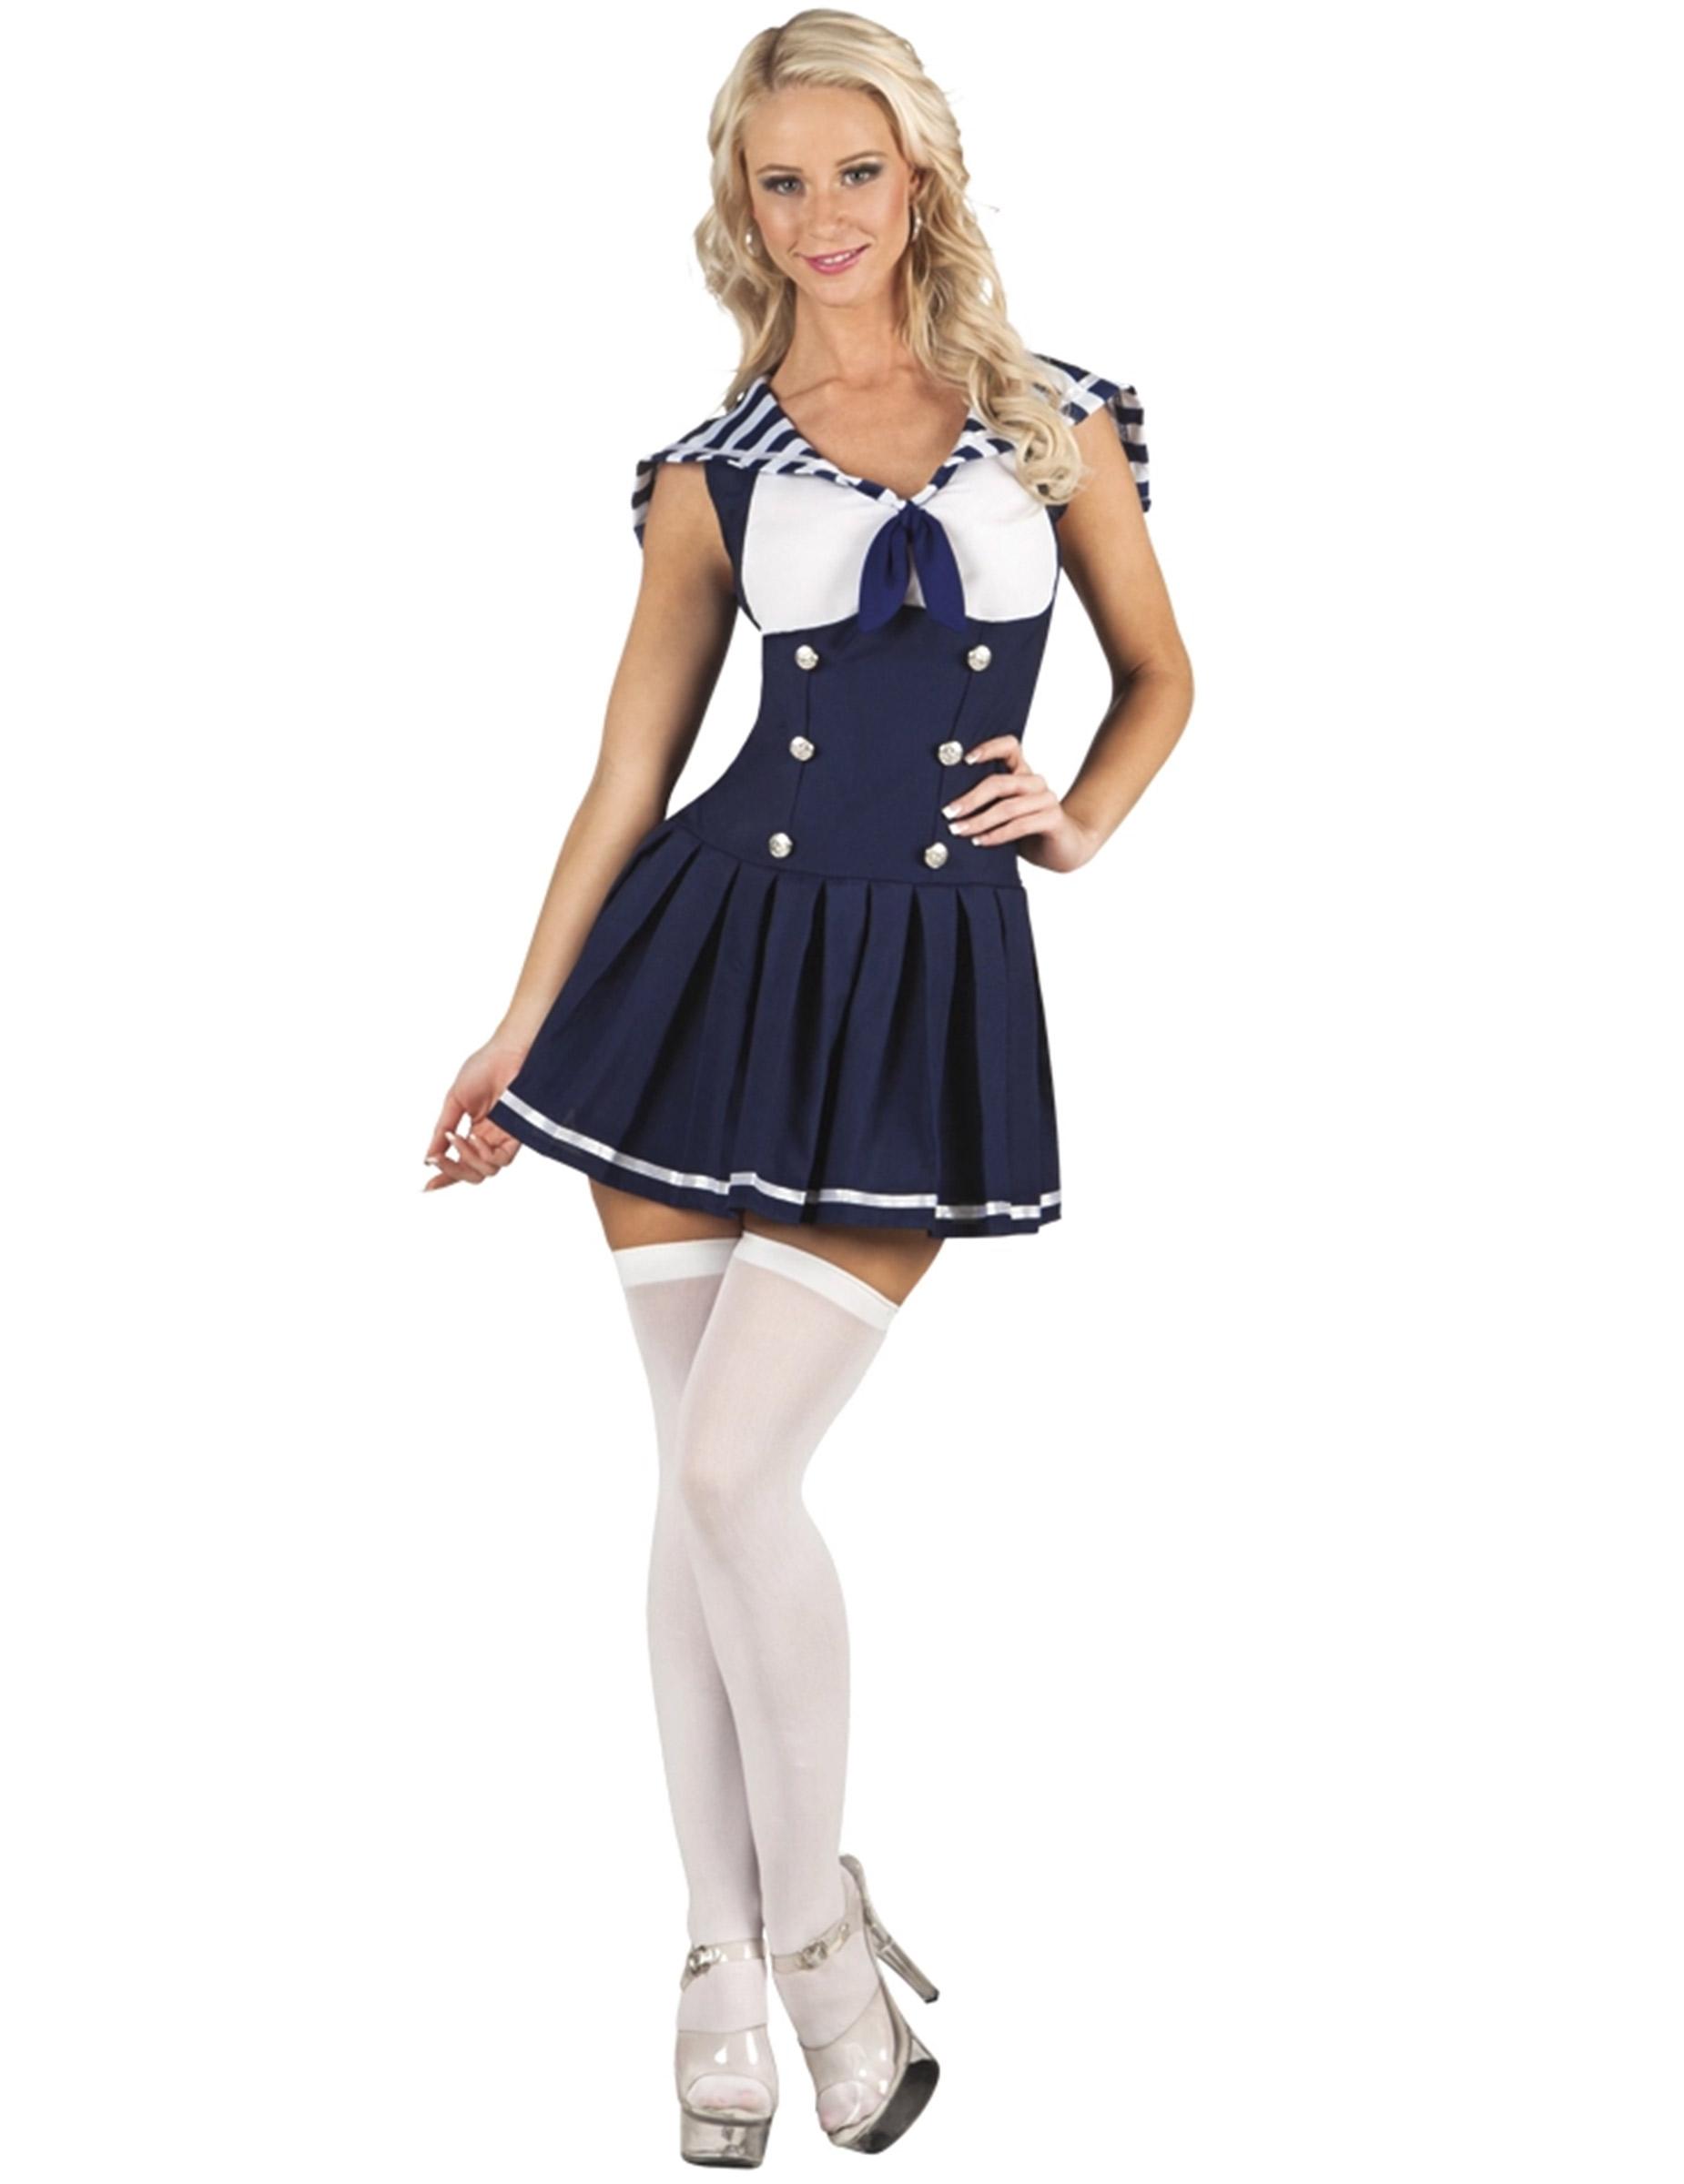 Sexy Matrosen-Kostüm für Damen 77812